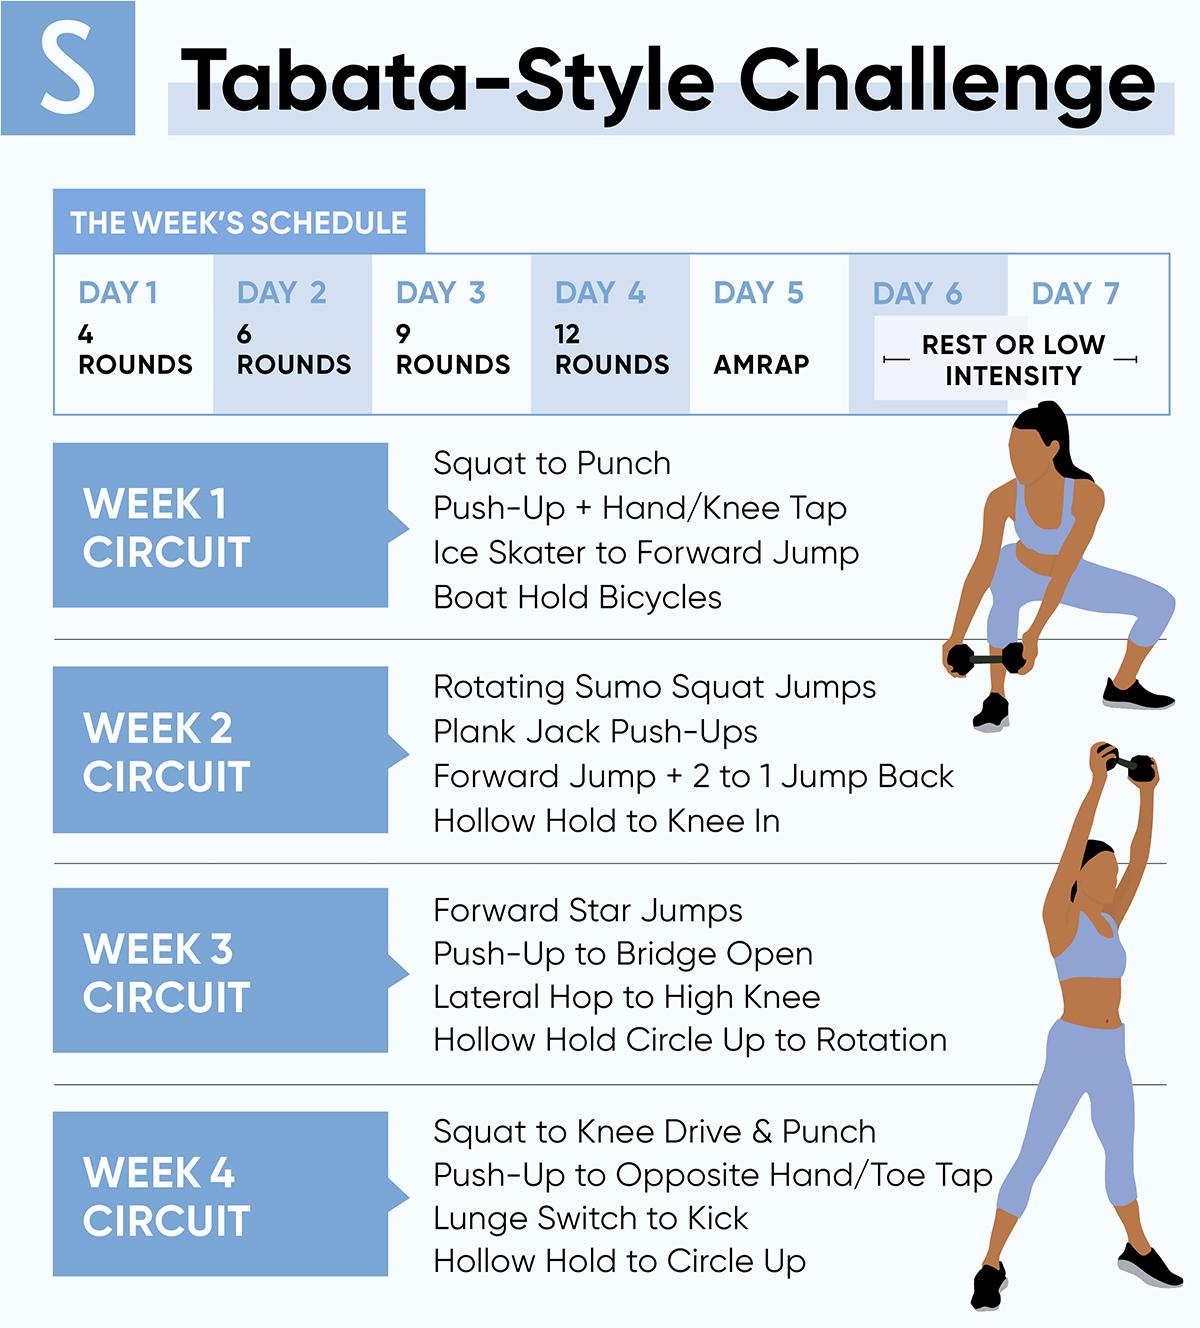 Tabata-Style challenge